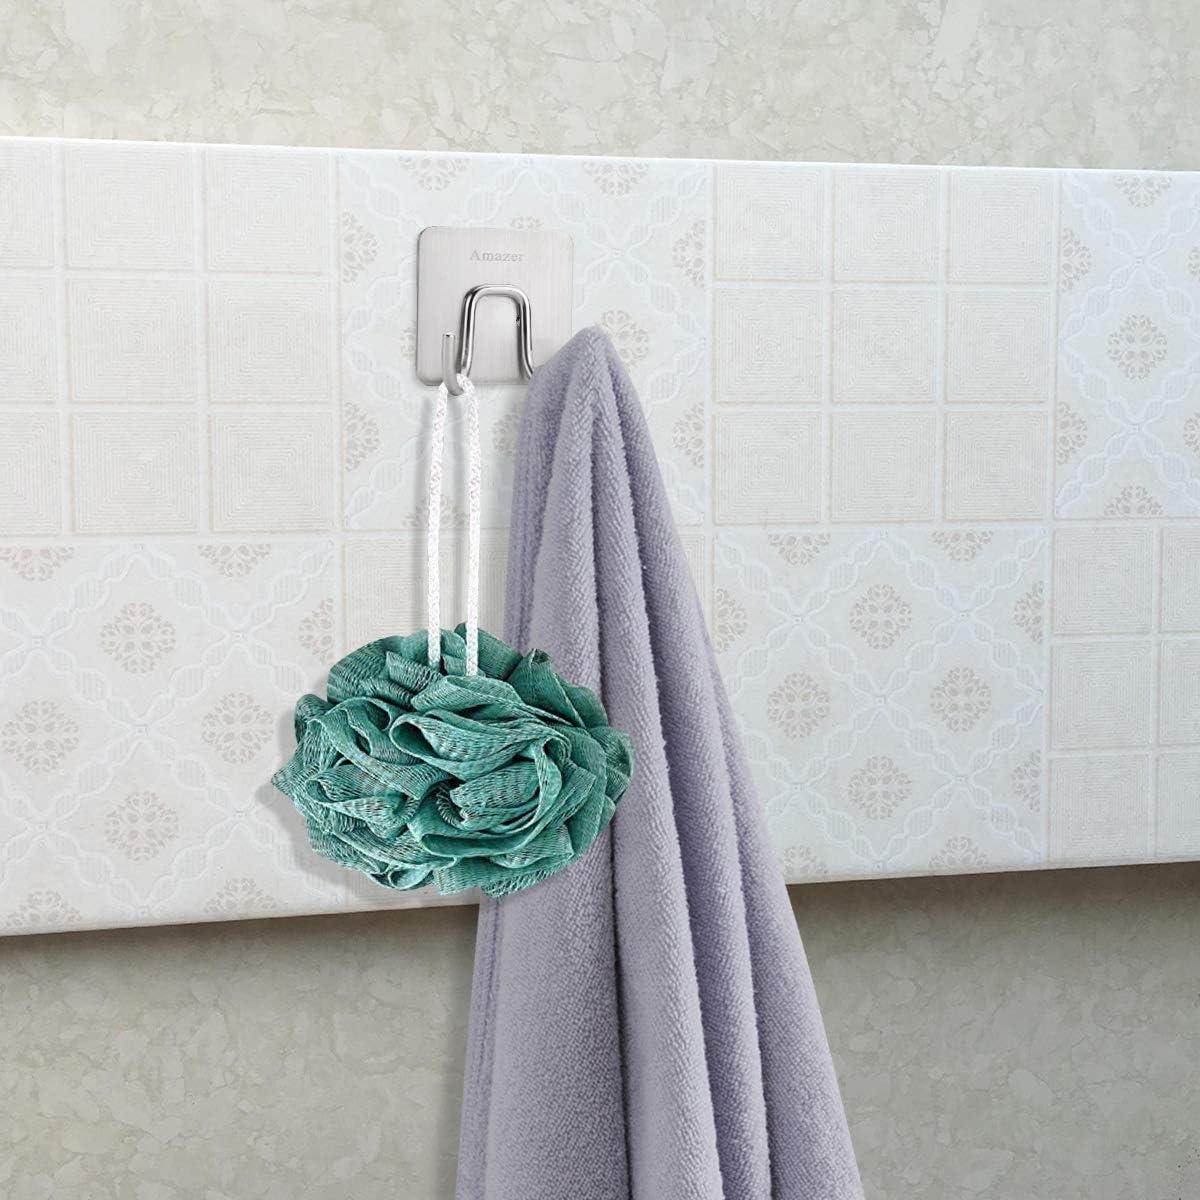 Amoyer 12 Piezas Y Forma de Gancho suspensi/ón de la Toalla para toallero radiador Tubular Bath Holder Hook Rack de Almacenamiento Bath Hook